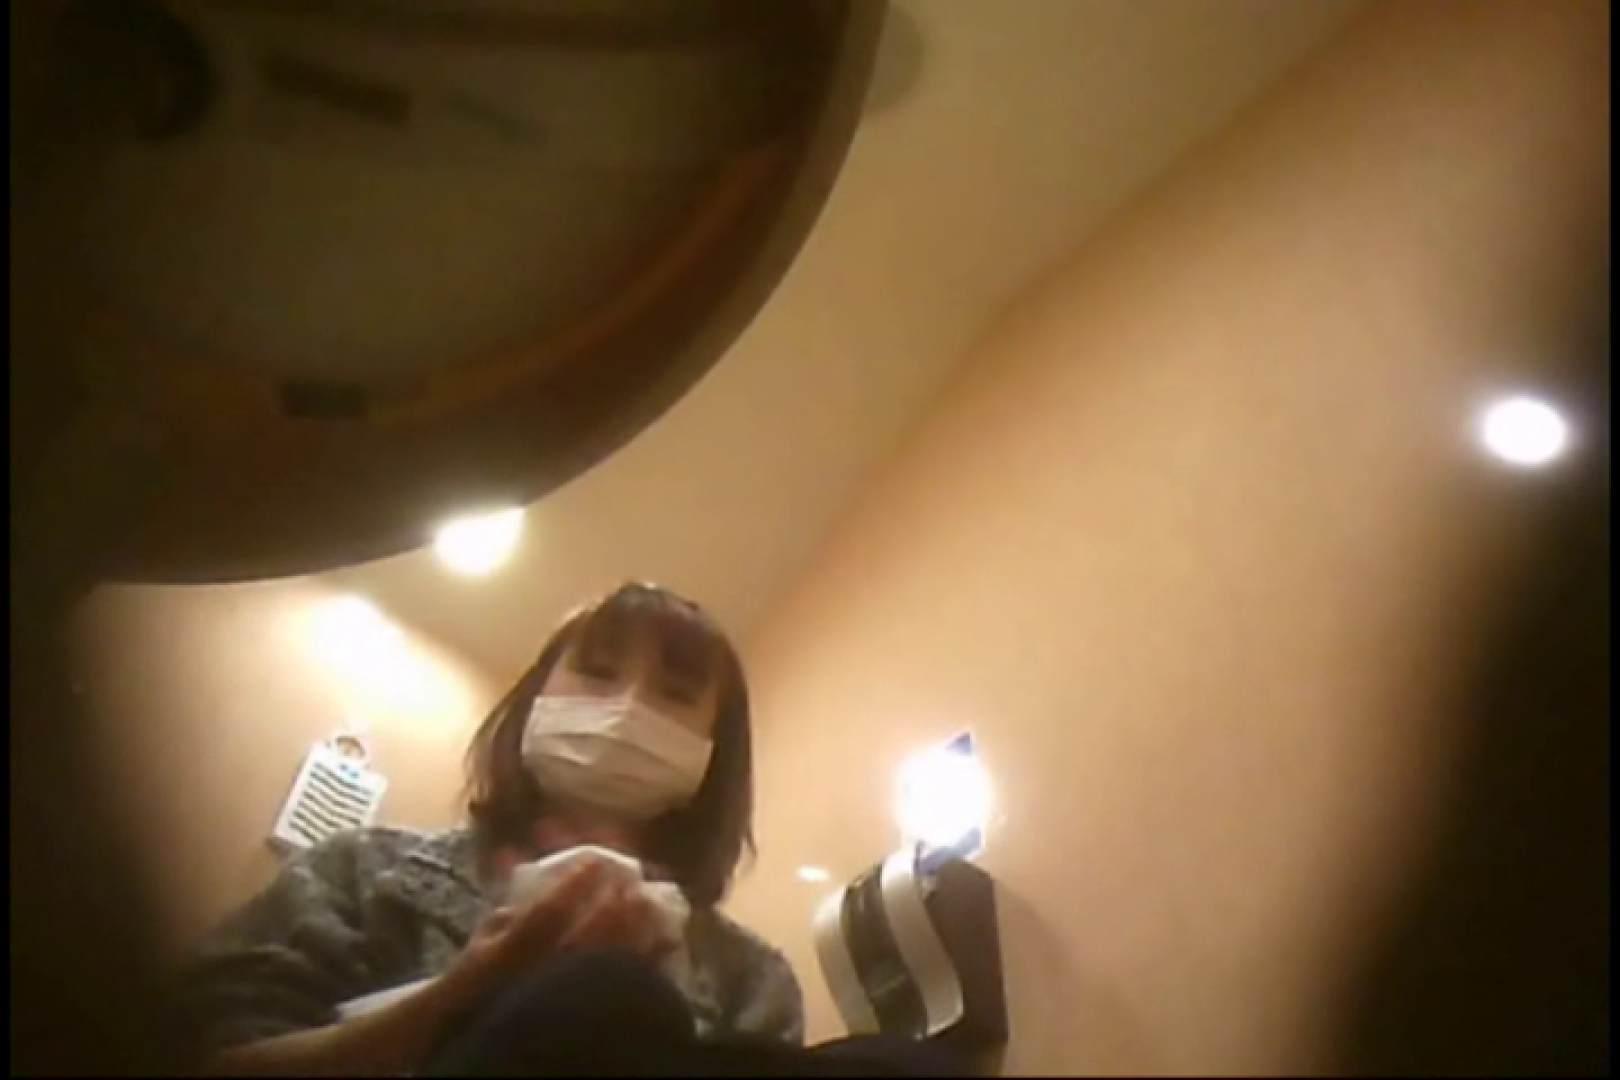 潜入!!女子化粧室盗撮~絶対見られたくない時間~vo,96 OLセックス 盗み撮りSEX無修正画像 72画像 58